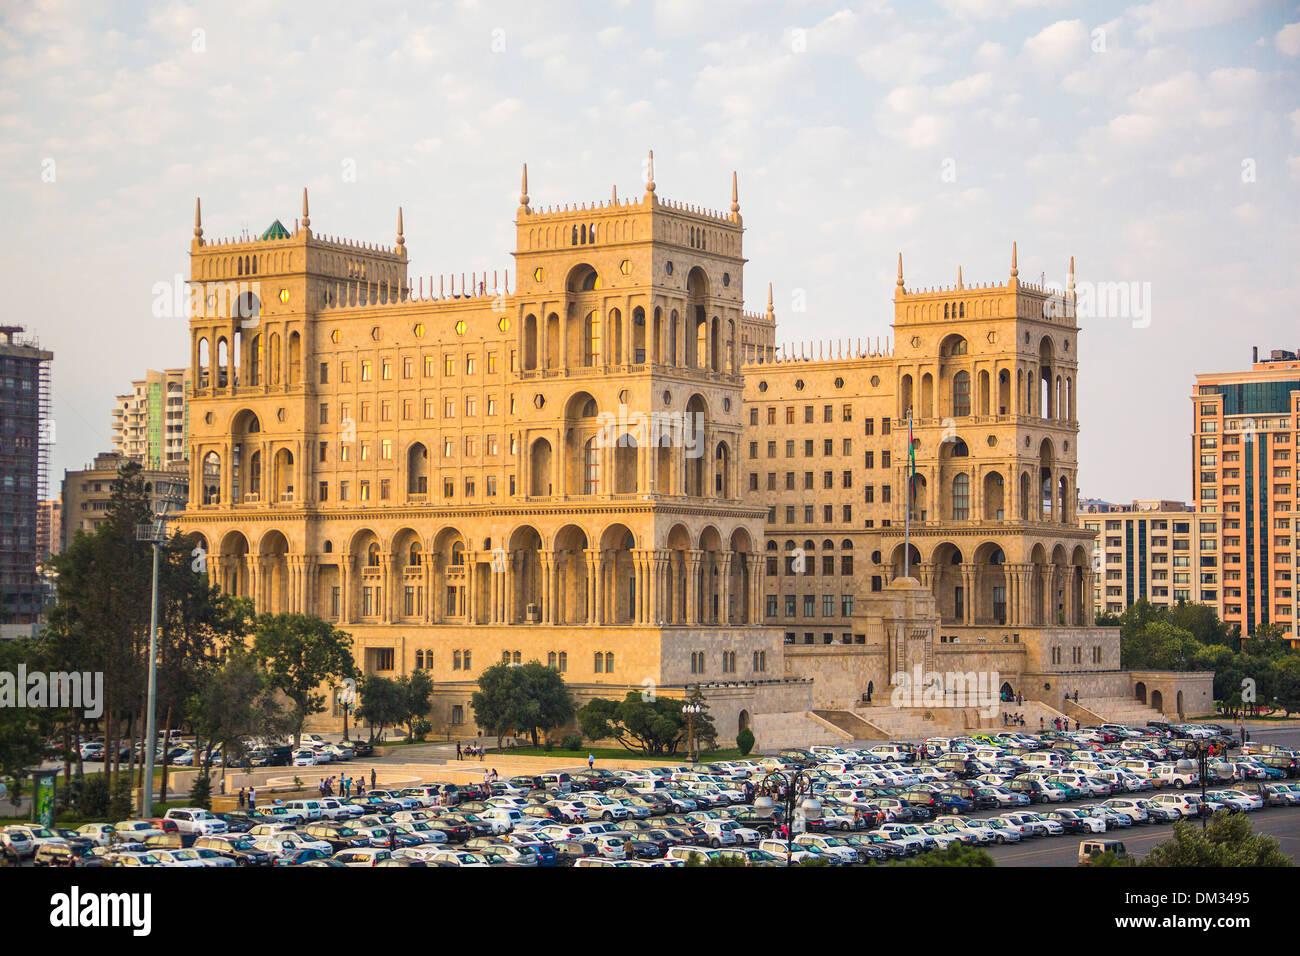 Aserbaidschan, Kaukasus, Eurasien, Baku, Regierung, Verwaltung, Architektur, Stadt, Haus, Sonnenuntergang, Reisen, Autos Stockbild